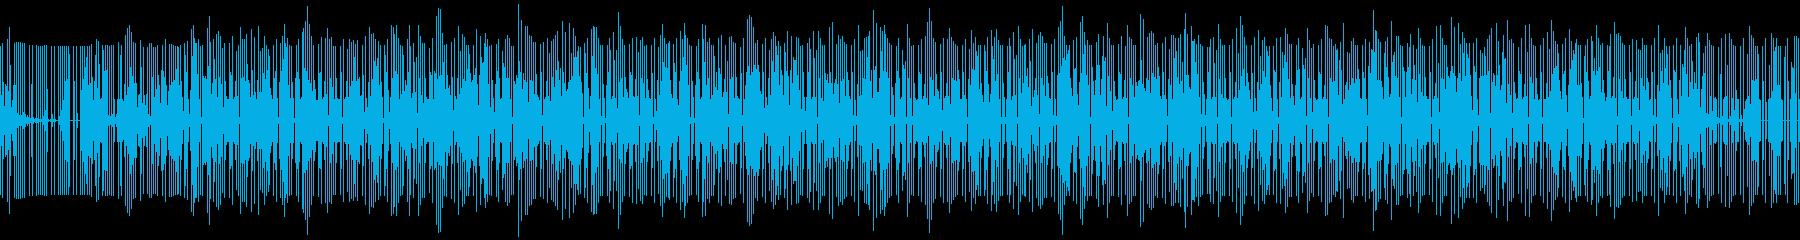 静かめでシンプルなエレクトロのループの再生済みの波形